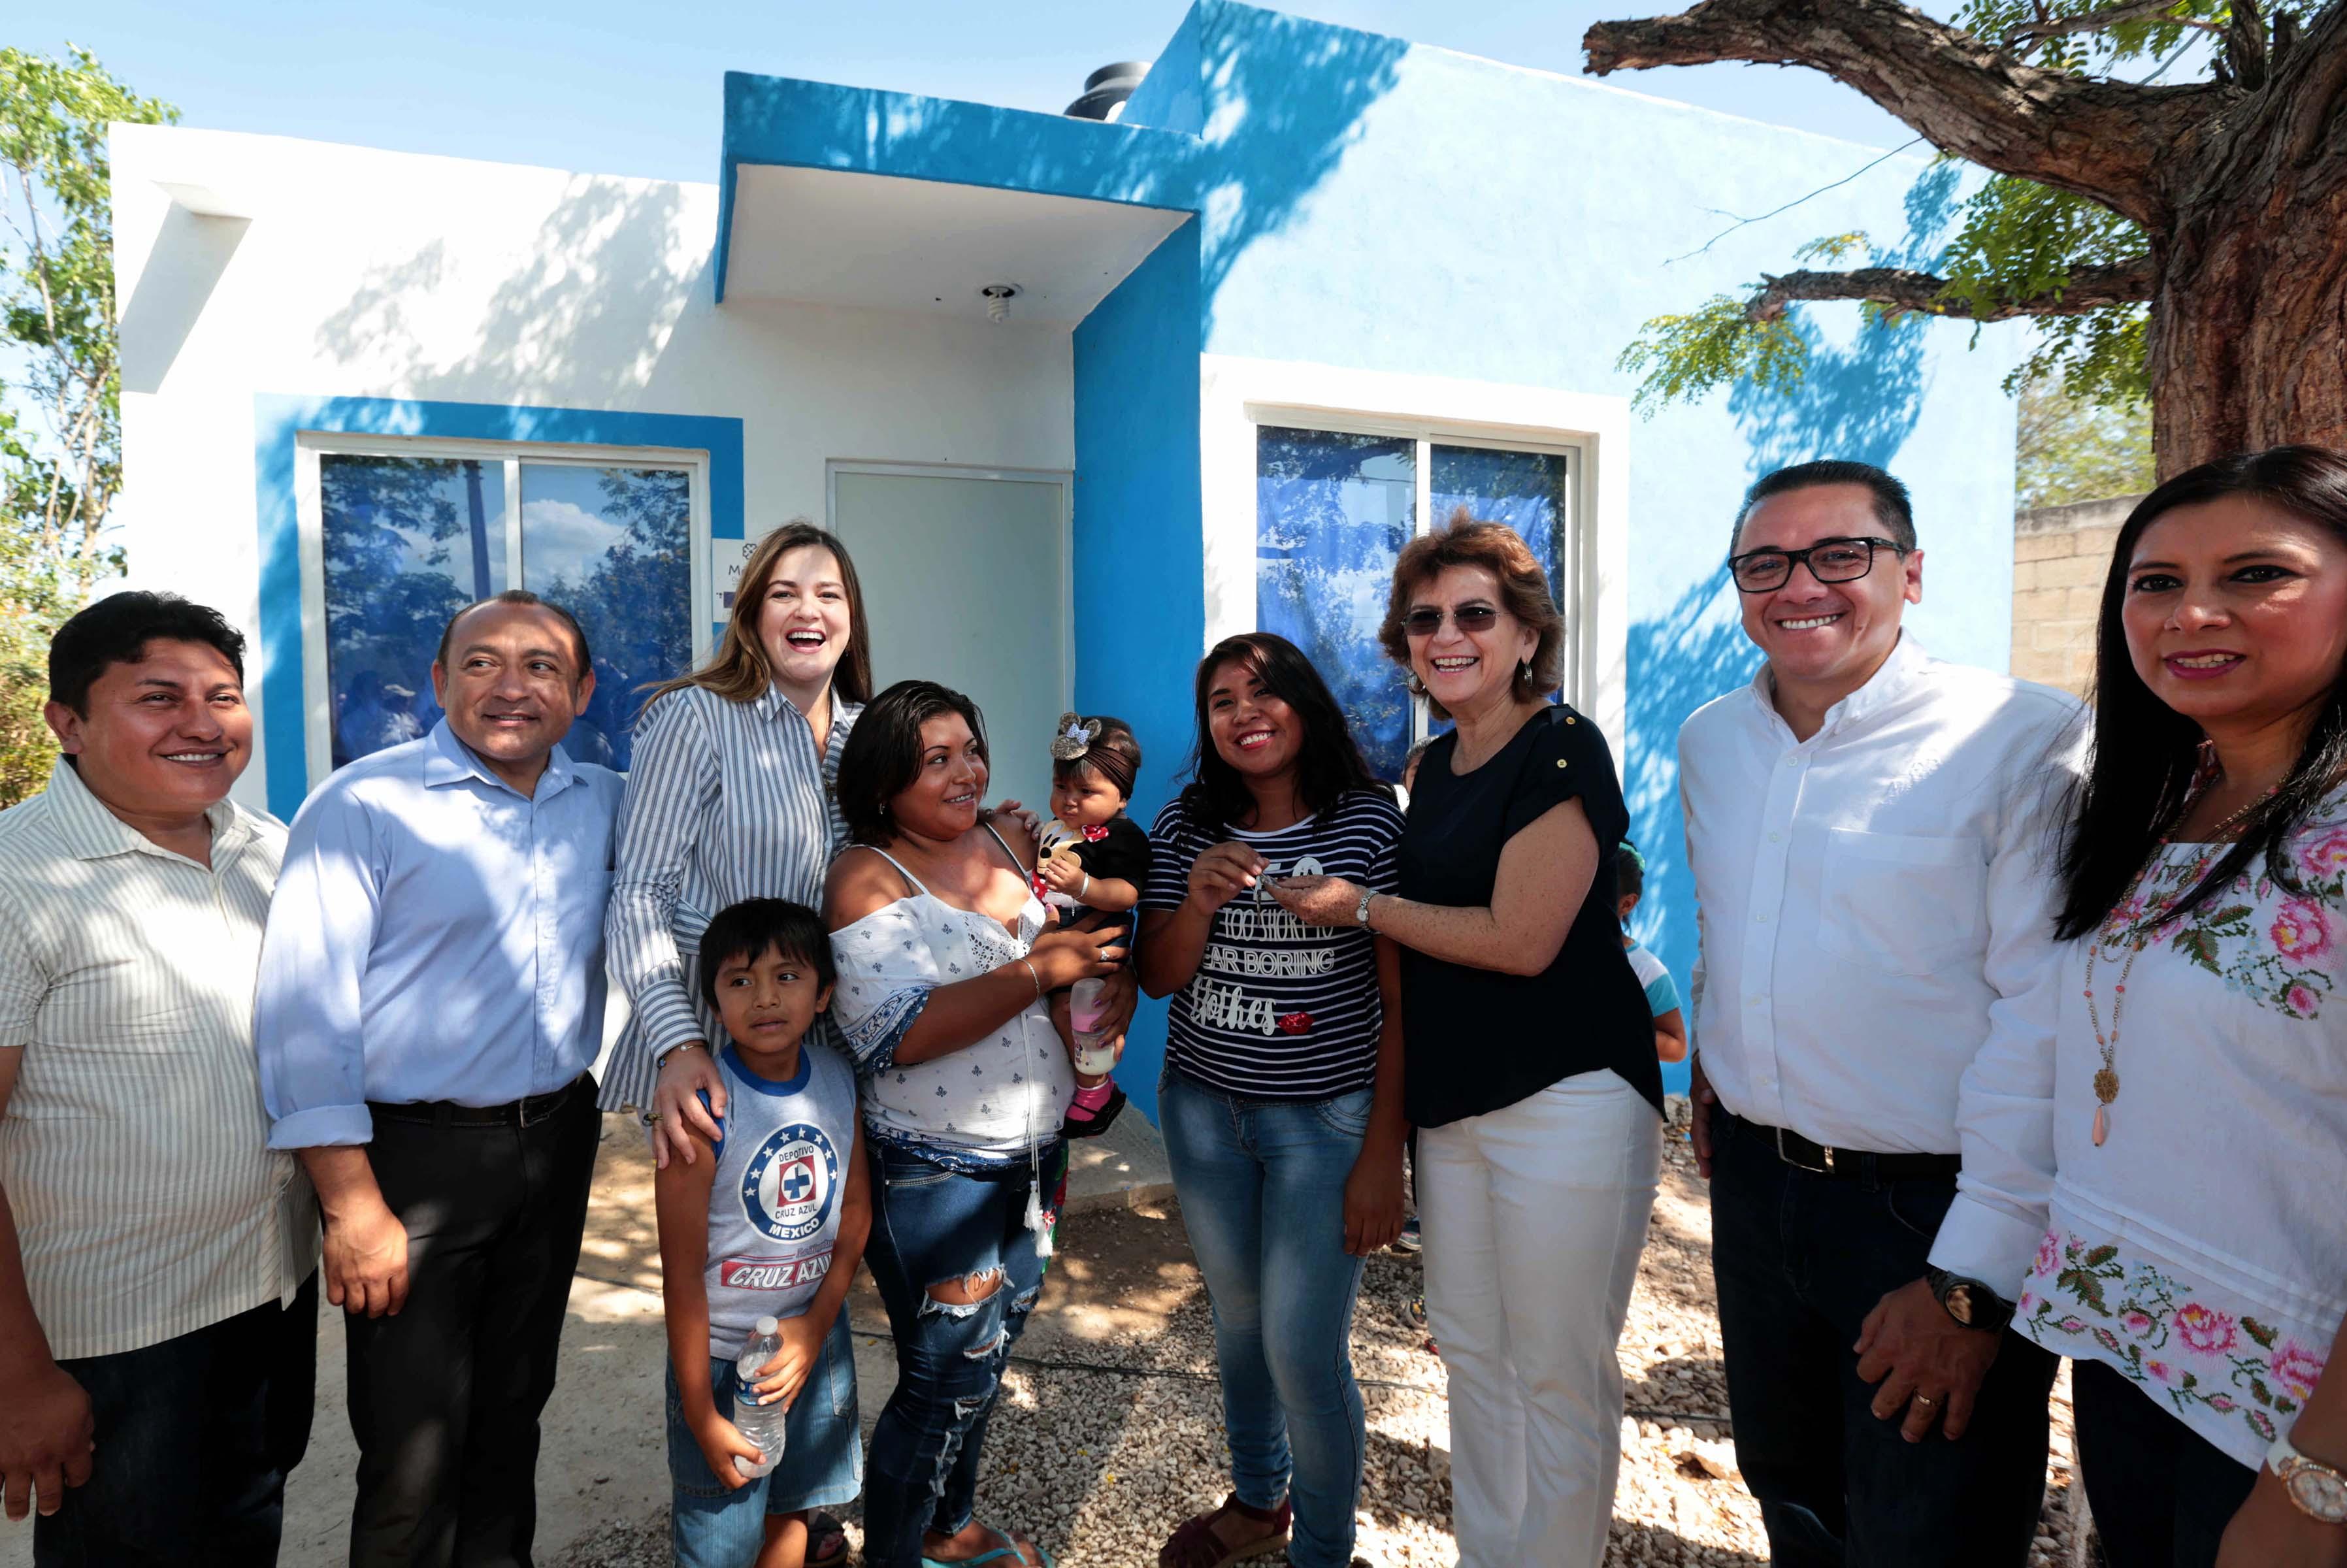 Estiman cerrar administración municipal con 6 mil acciones de vivienda